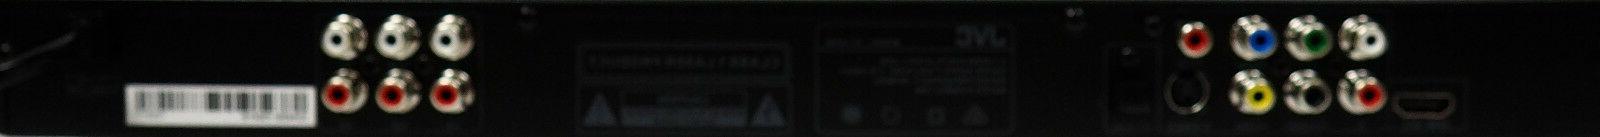 JVC Code Free HDMI Player Channel PAL NTSC